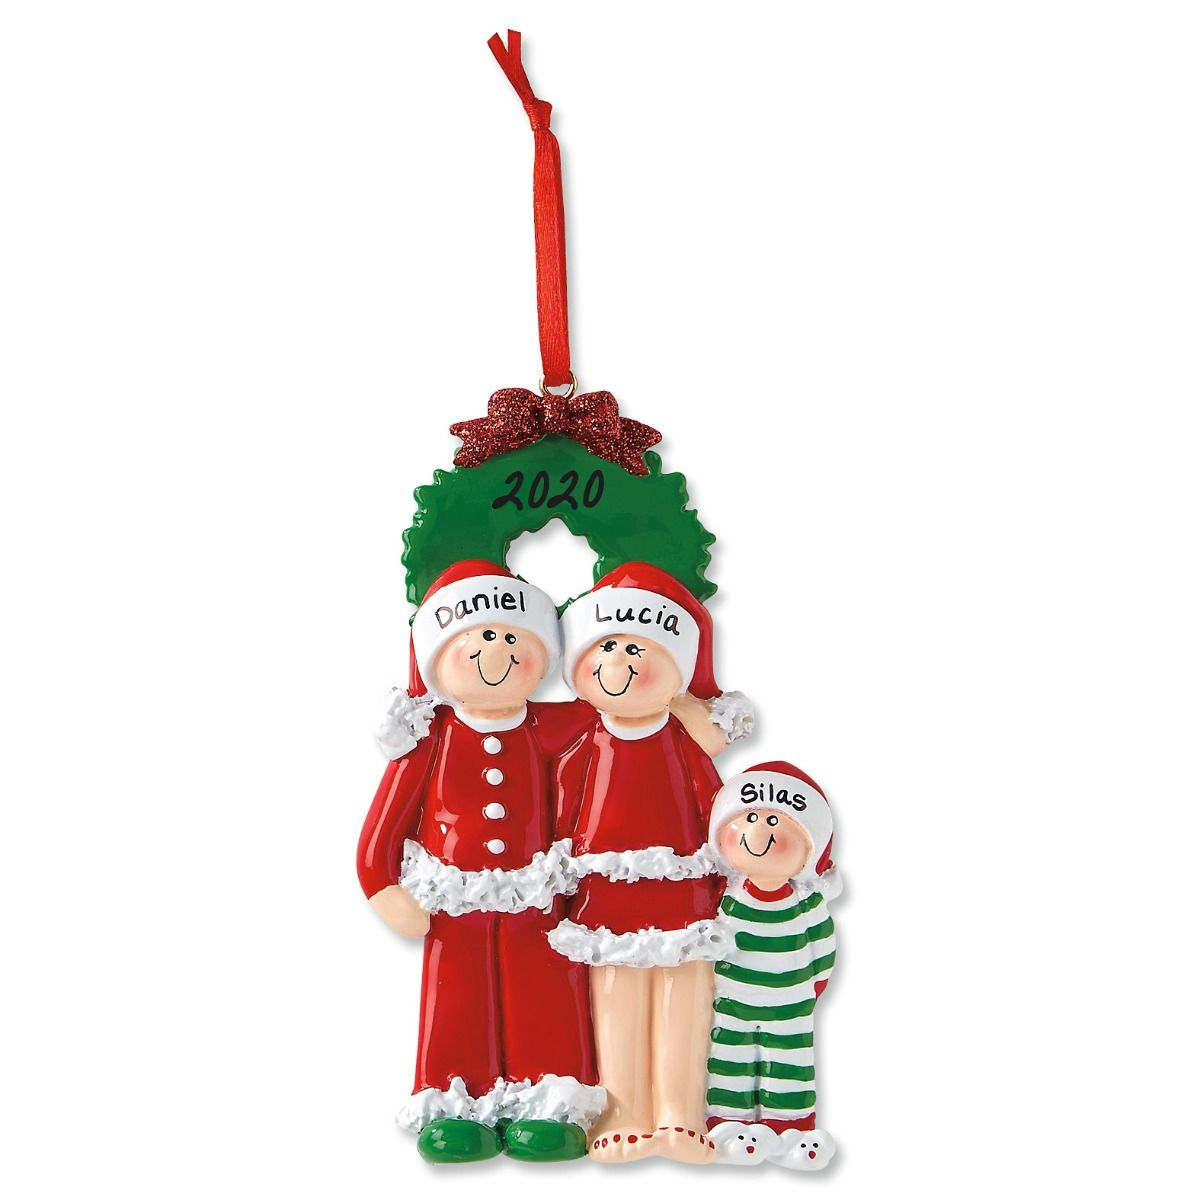 PJ Family Hand-Lettered Christmas Ornament